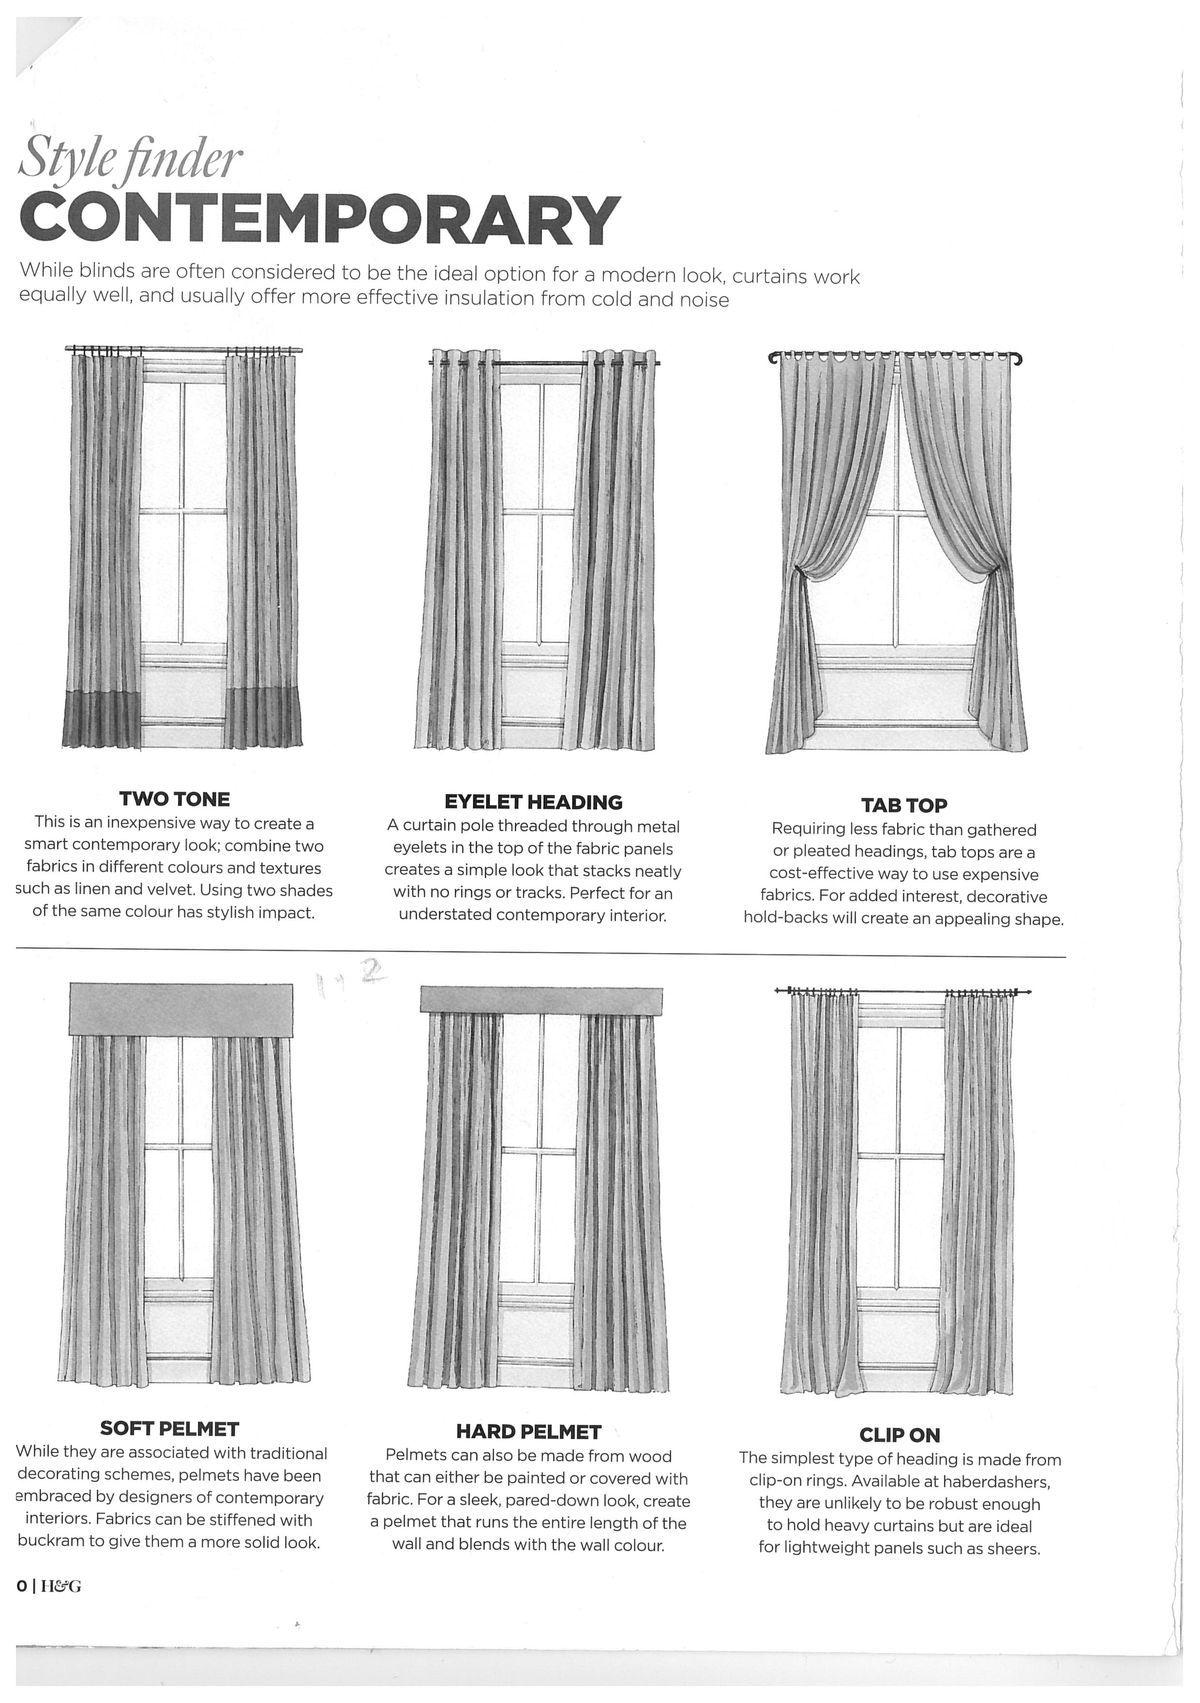 C10f12f7eddf5c273ff8c93565049c55 Jpg 1 200 703 Pixels Contemporary Windows Curtains